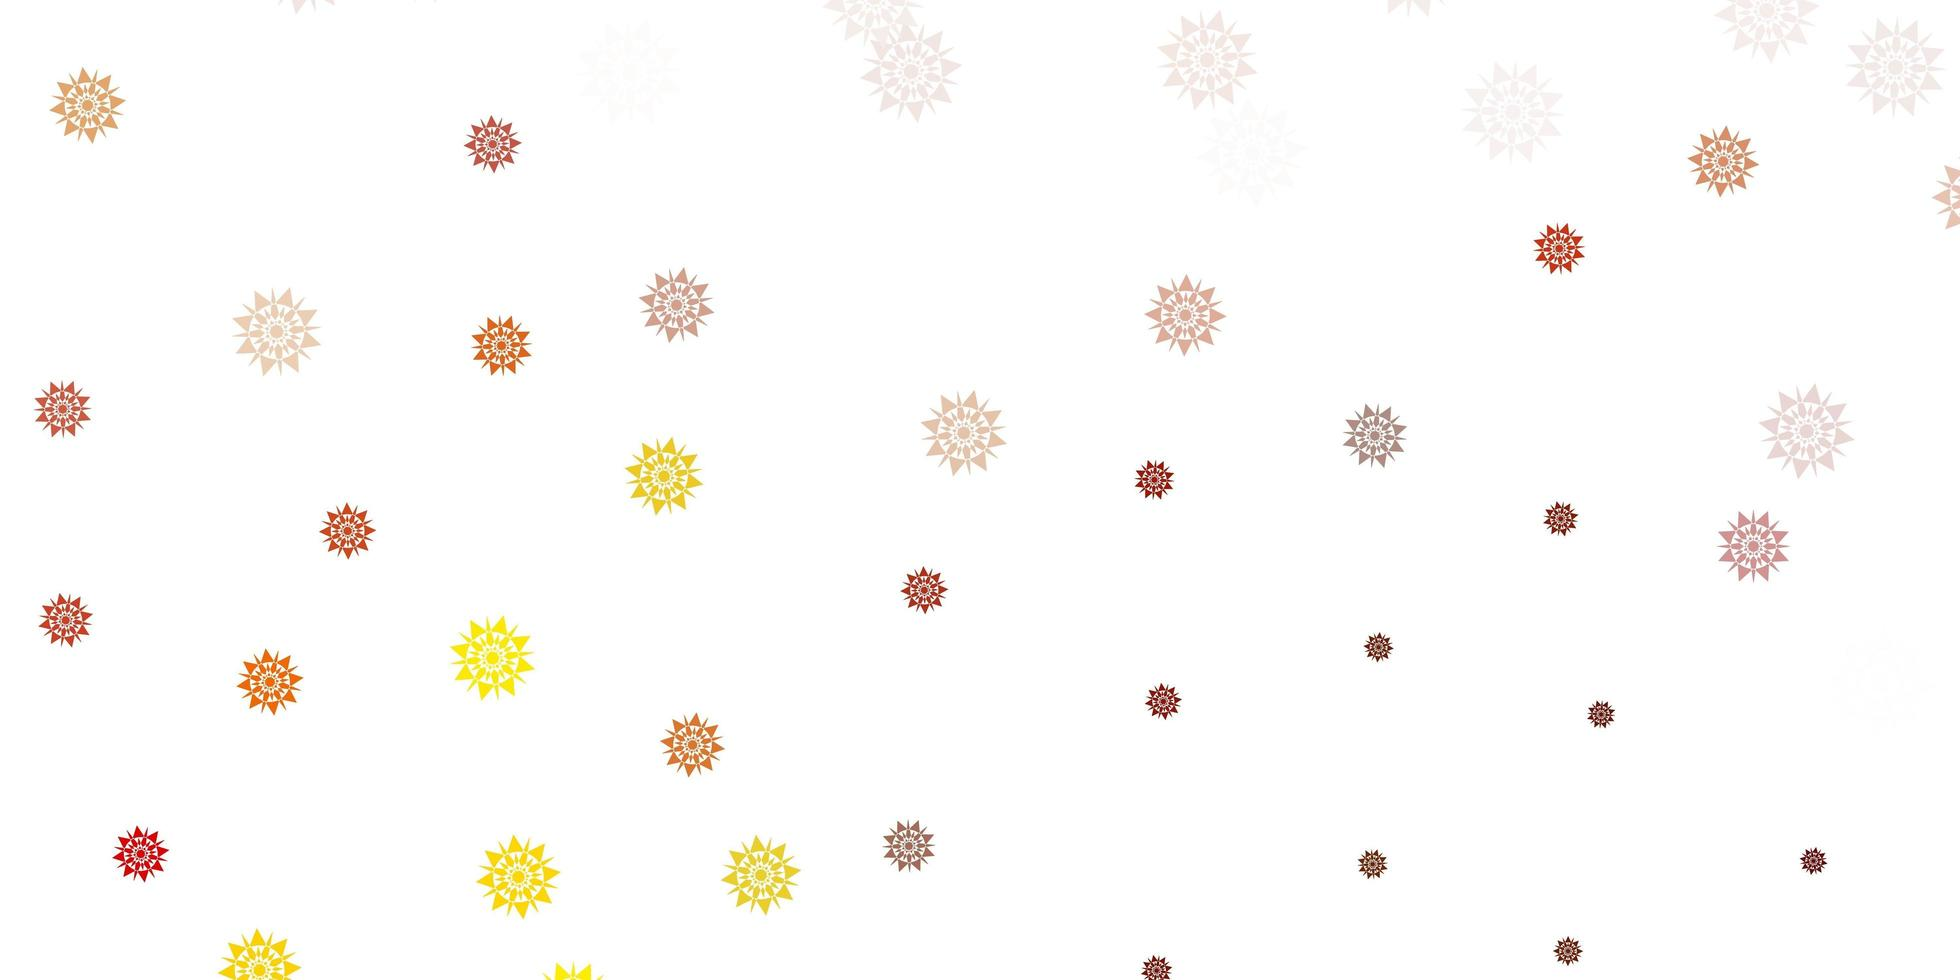 fond de vecteur jaune clair avec des flocons de neige de Noël.